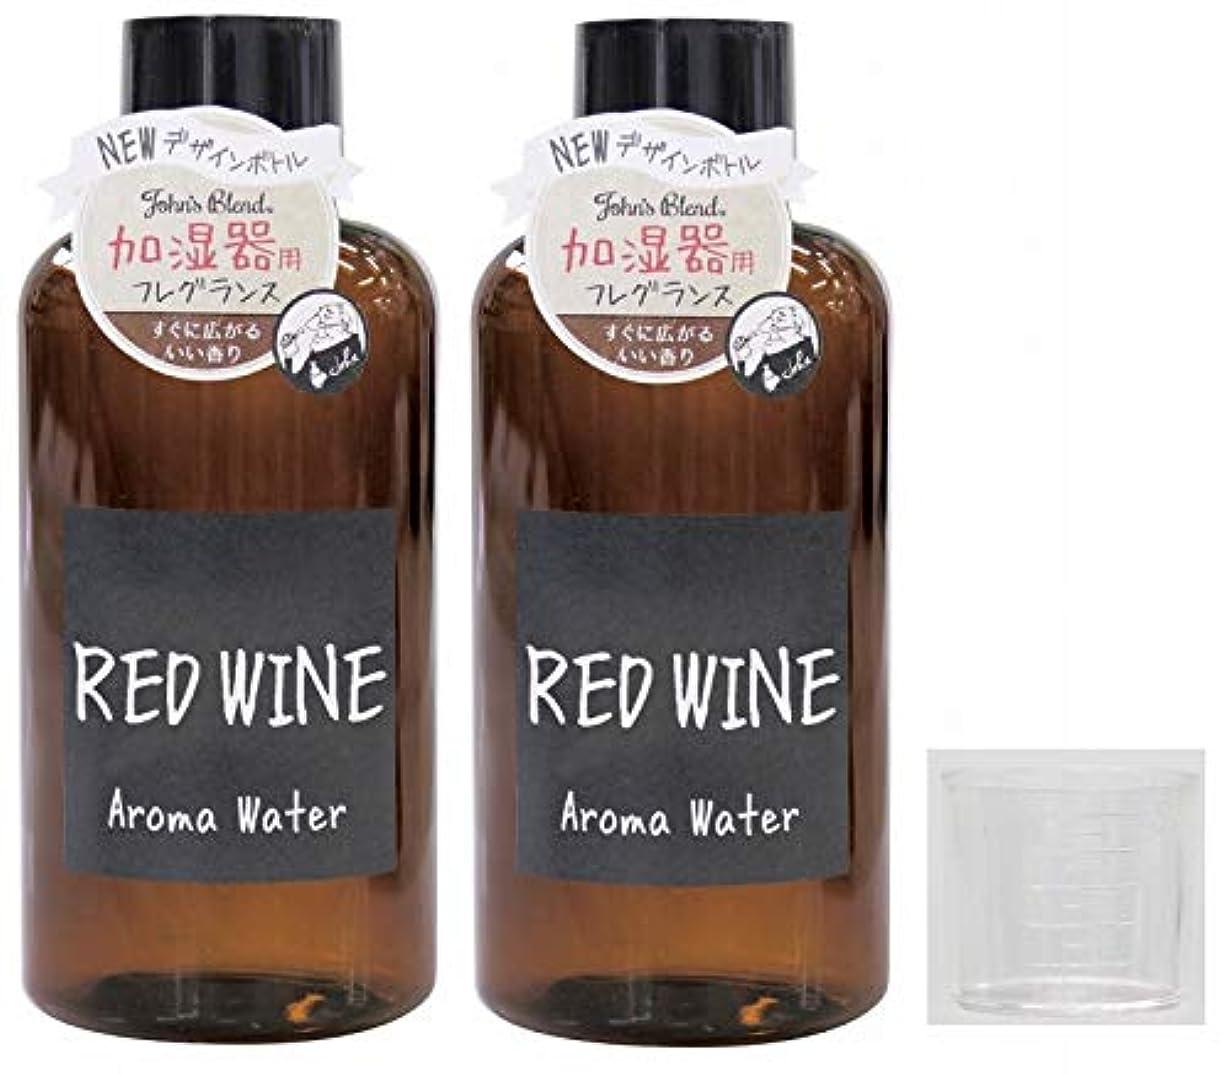 地上のシャワー免除する【2個セット?計量カップ付き】 JohnsBlend(ジョンズブレンド) アロマウォーター 加湿器用 520ml レッドワインの香り OA-JON-12-5【計量カップのおまけつき】